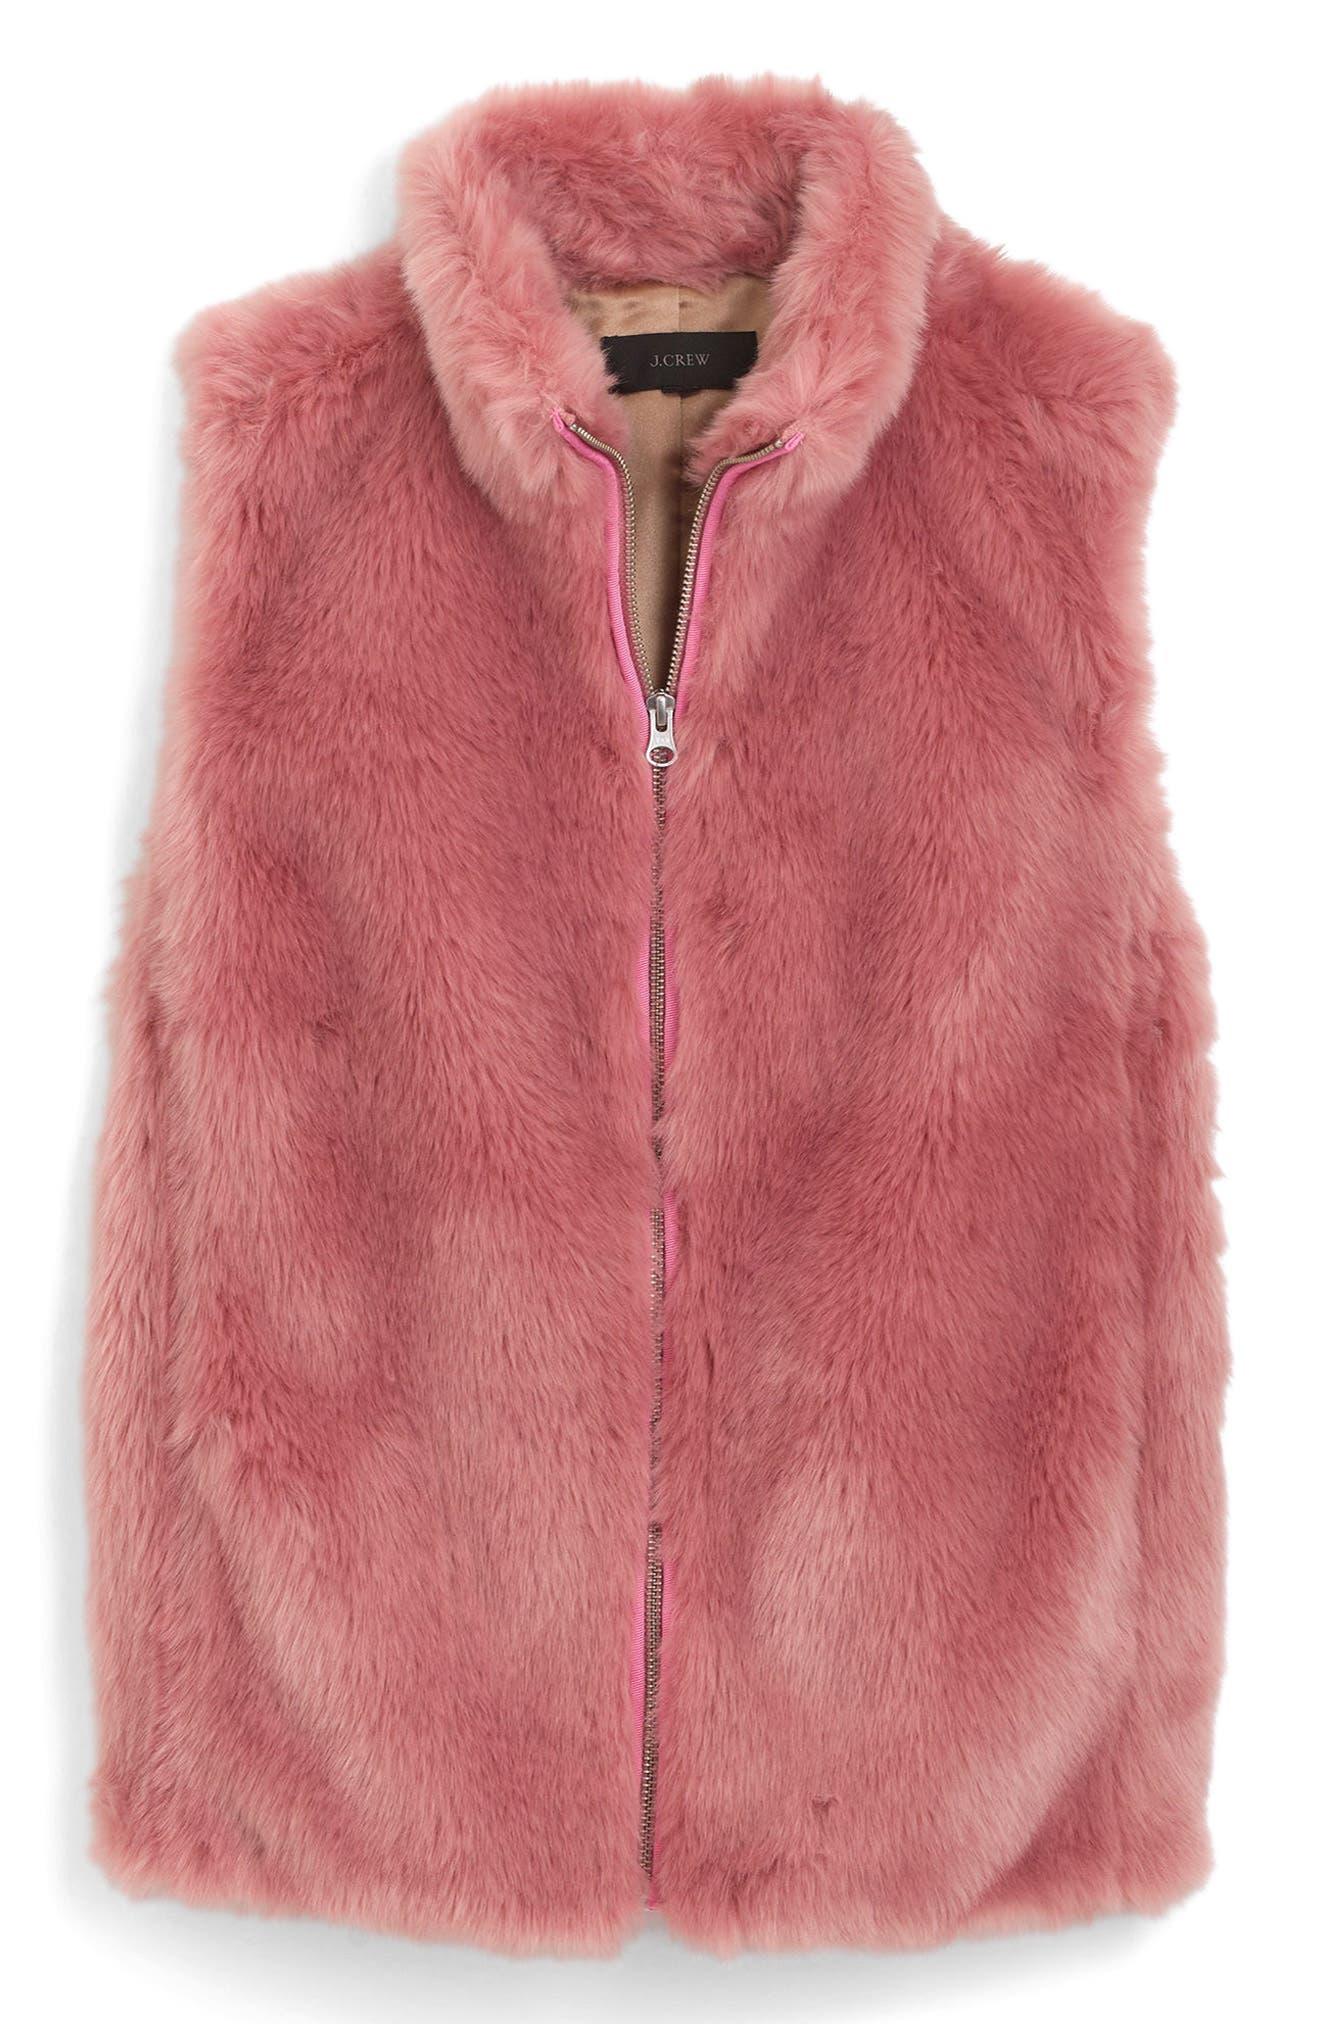 J.Crew Faux Fur Vest,                         Main,                         color, Glass Petal